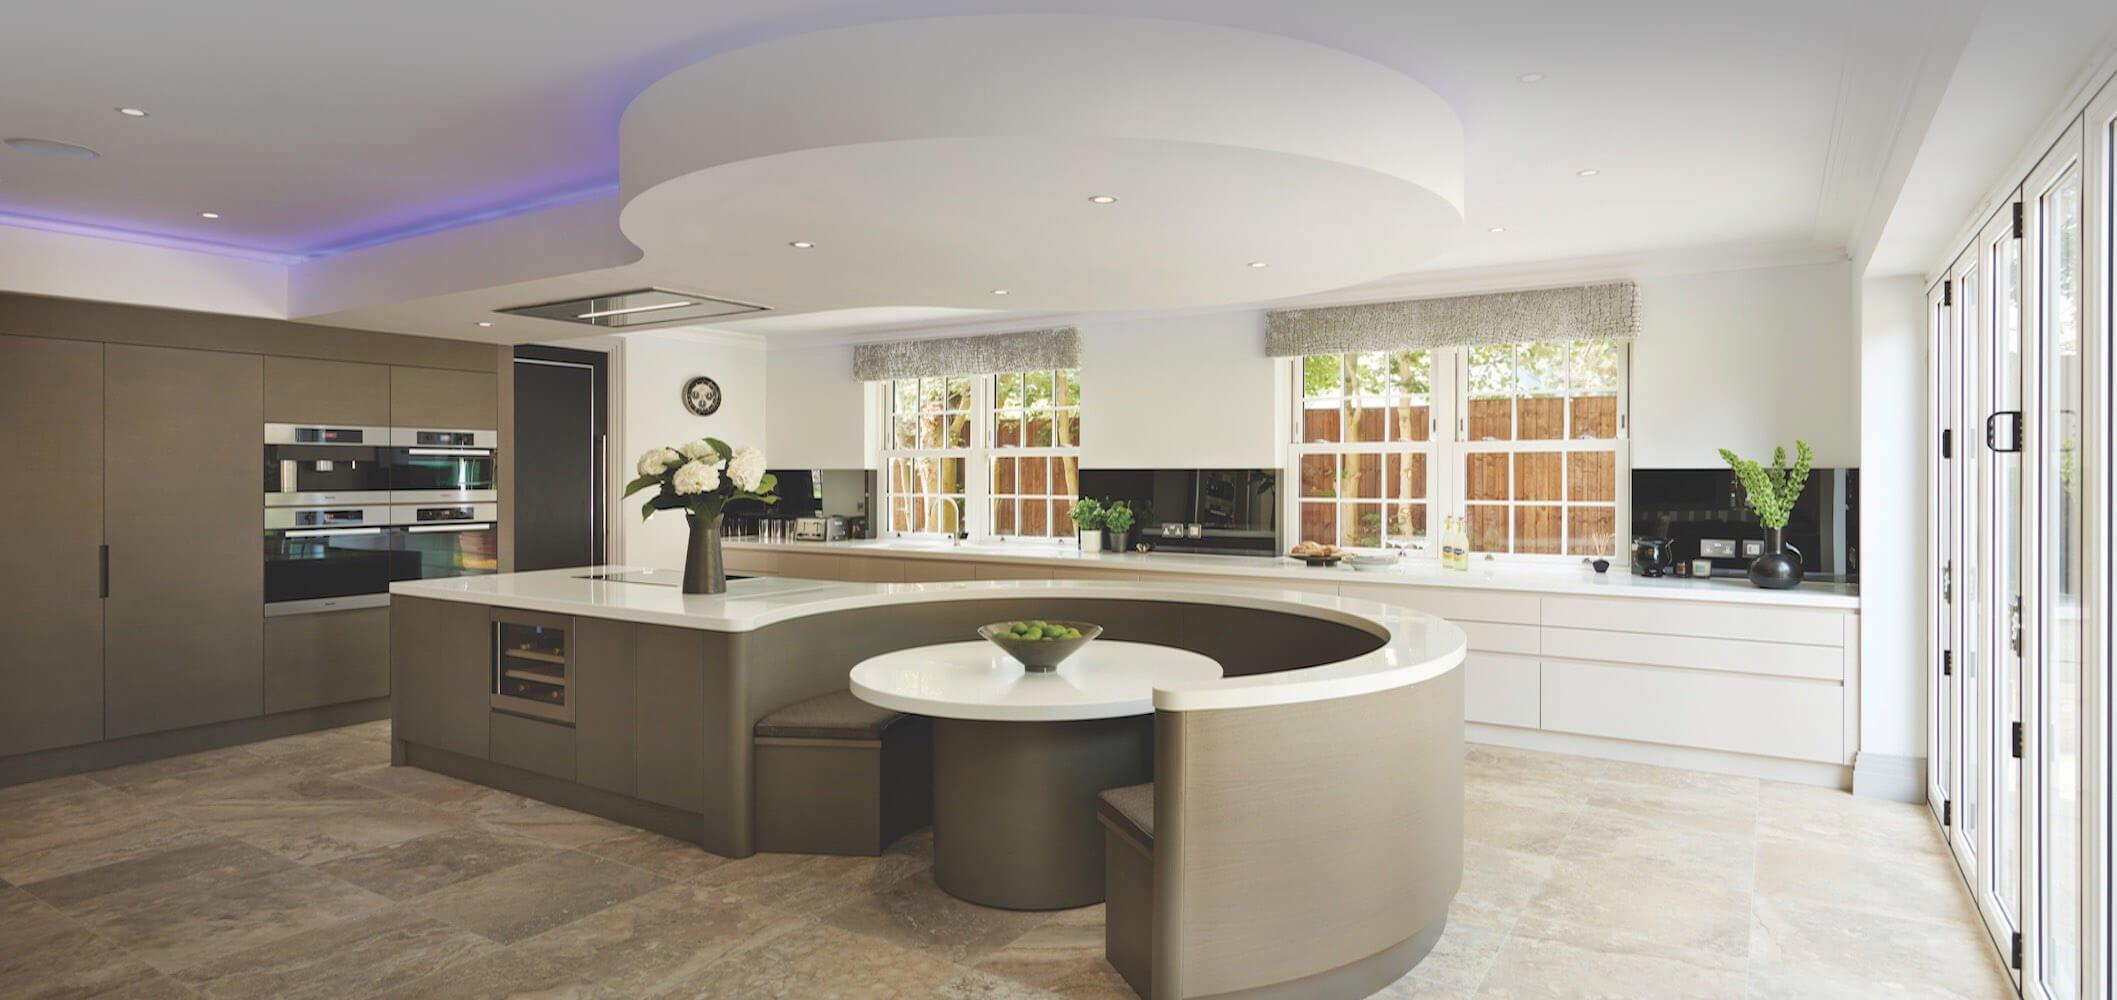 Hilarious Kitchen Designs By Reeva Design Kitchens Tables Design Kitchen Island Table Kitchen Island Tables kitchen Modern Kitchen Island Table